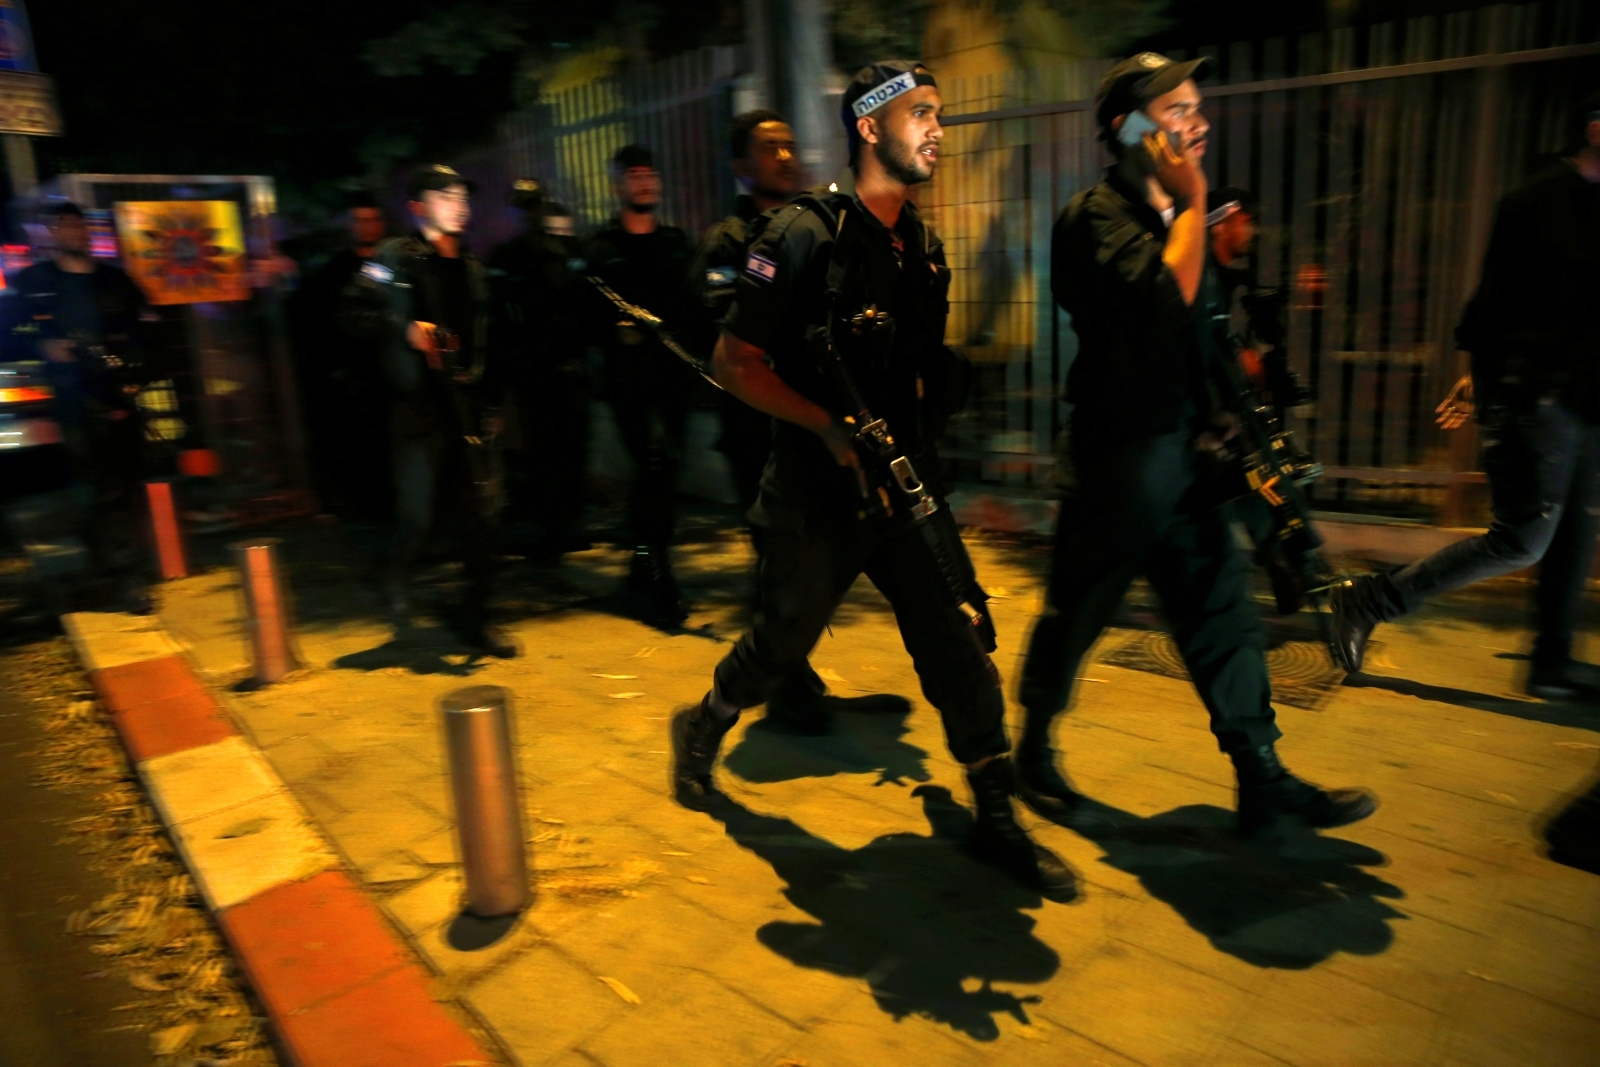 Israel Tel Aviv shooting